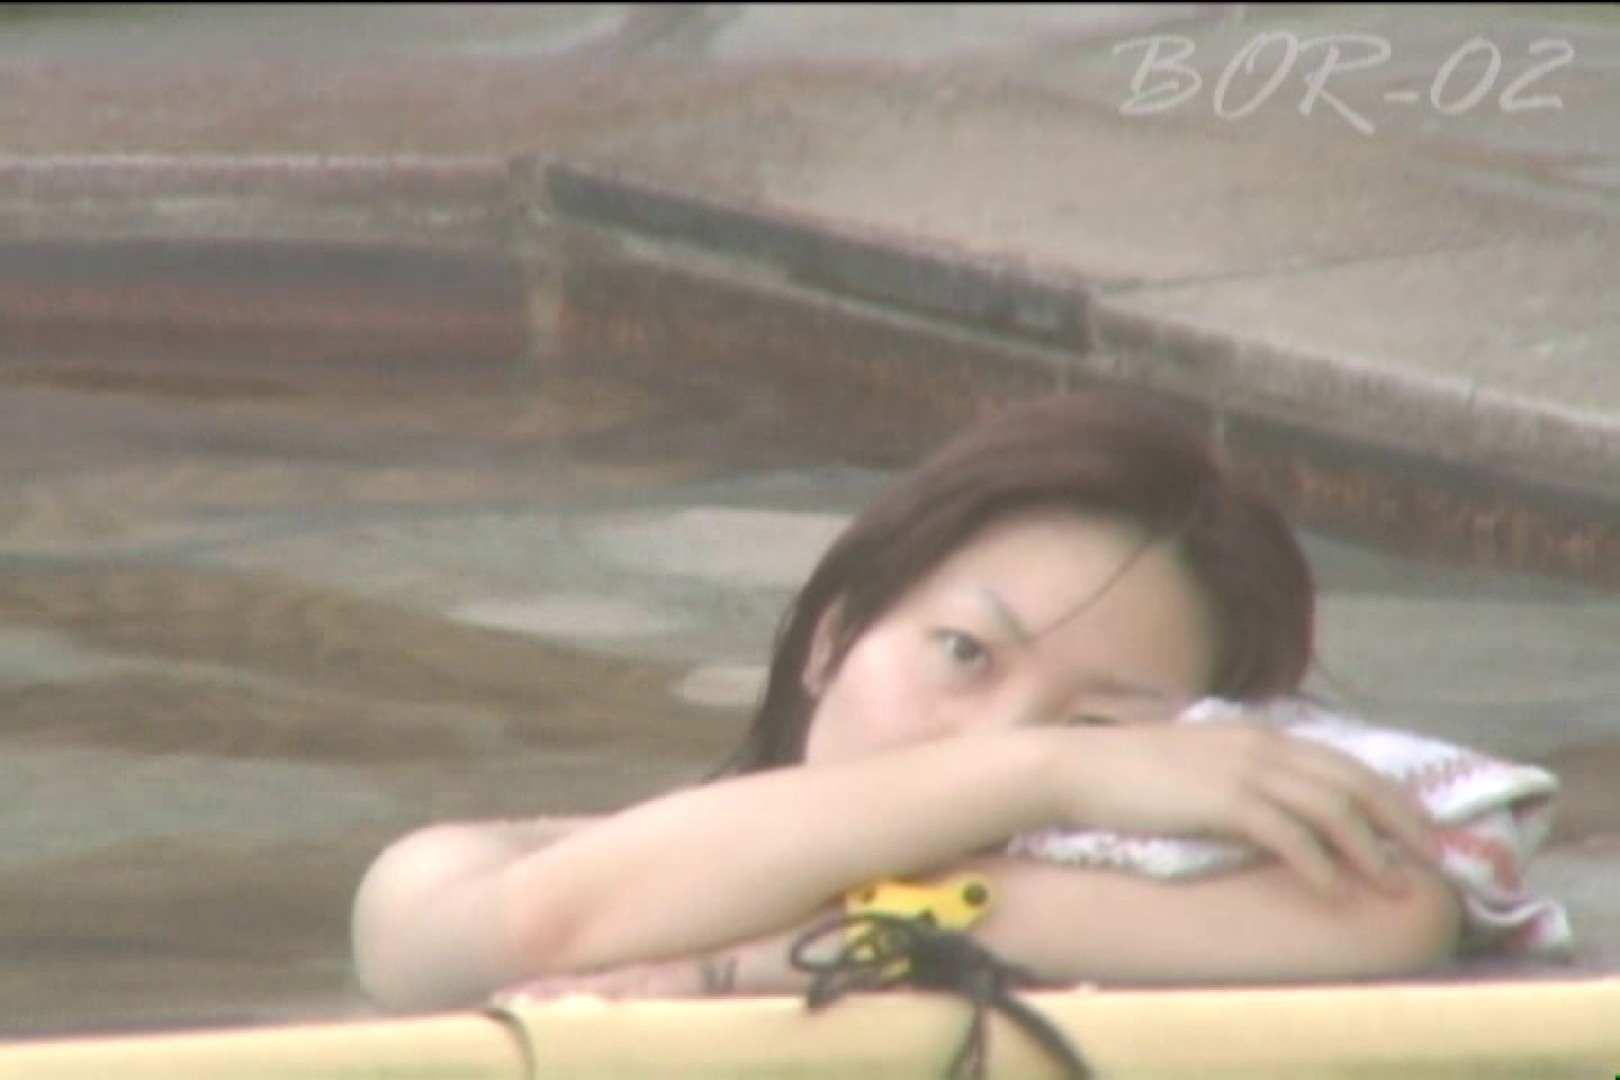 Aquaな露天風呂Vol.479 盗撮師作品 セックス無修正動画無料 92pic 2